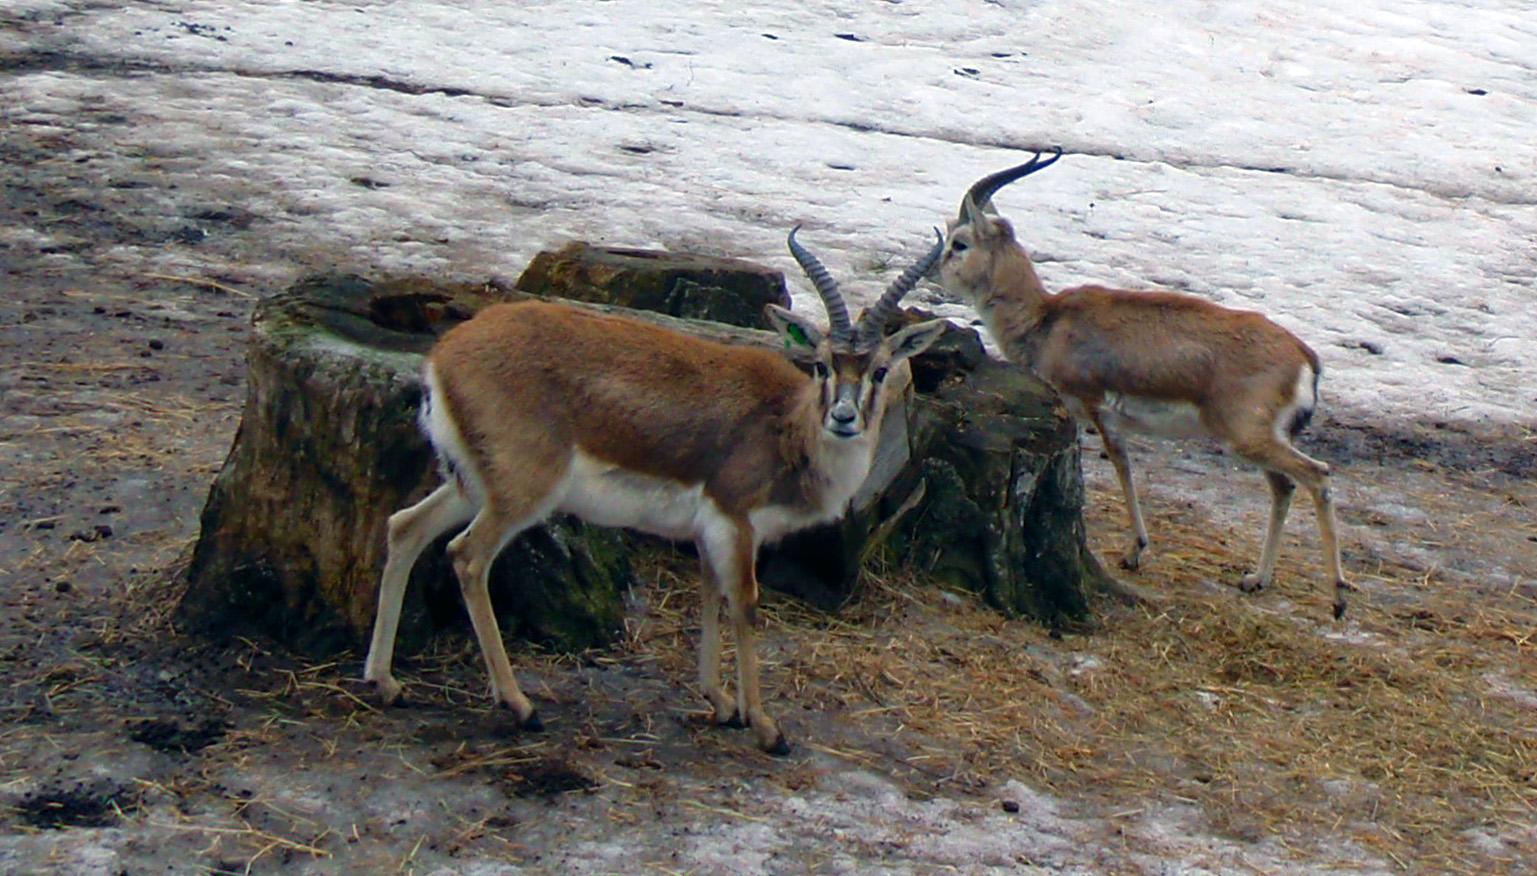 Asian gazelle species